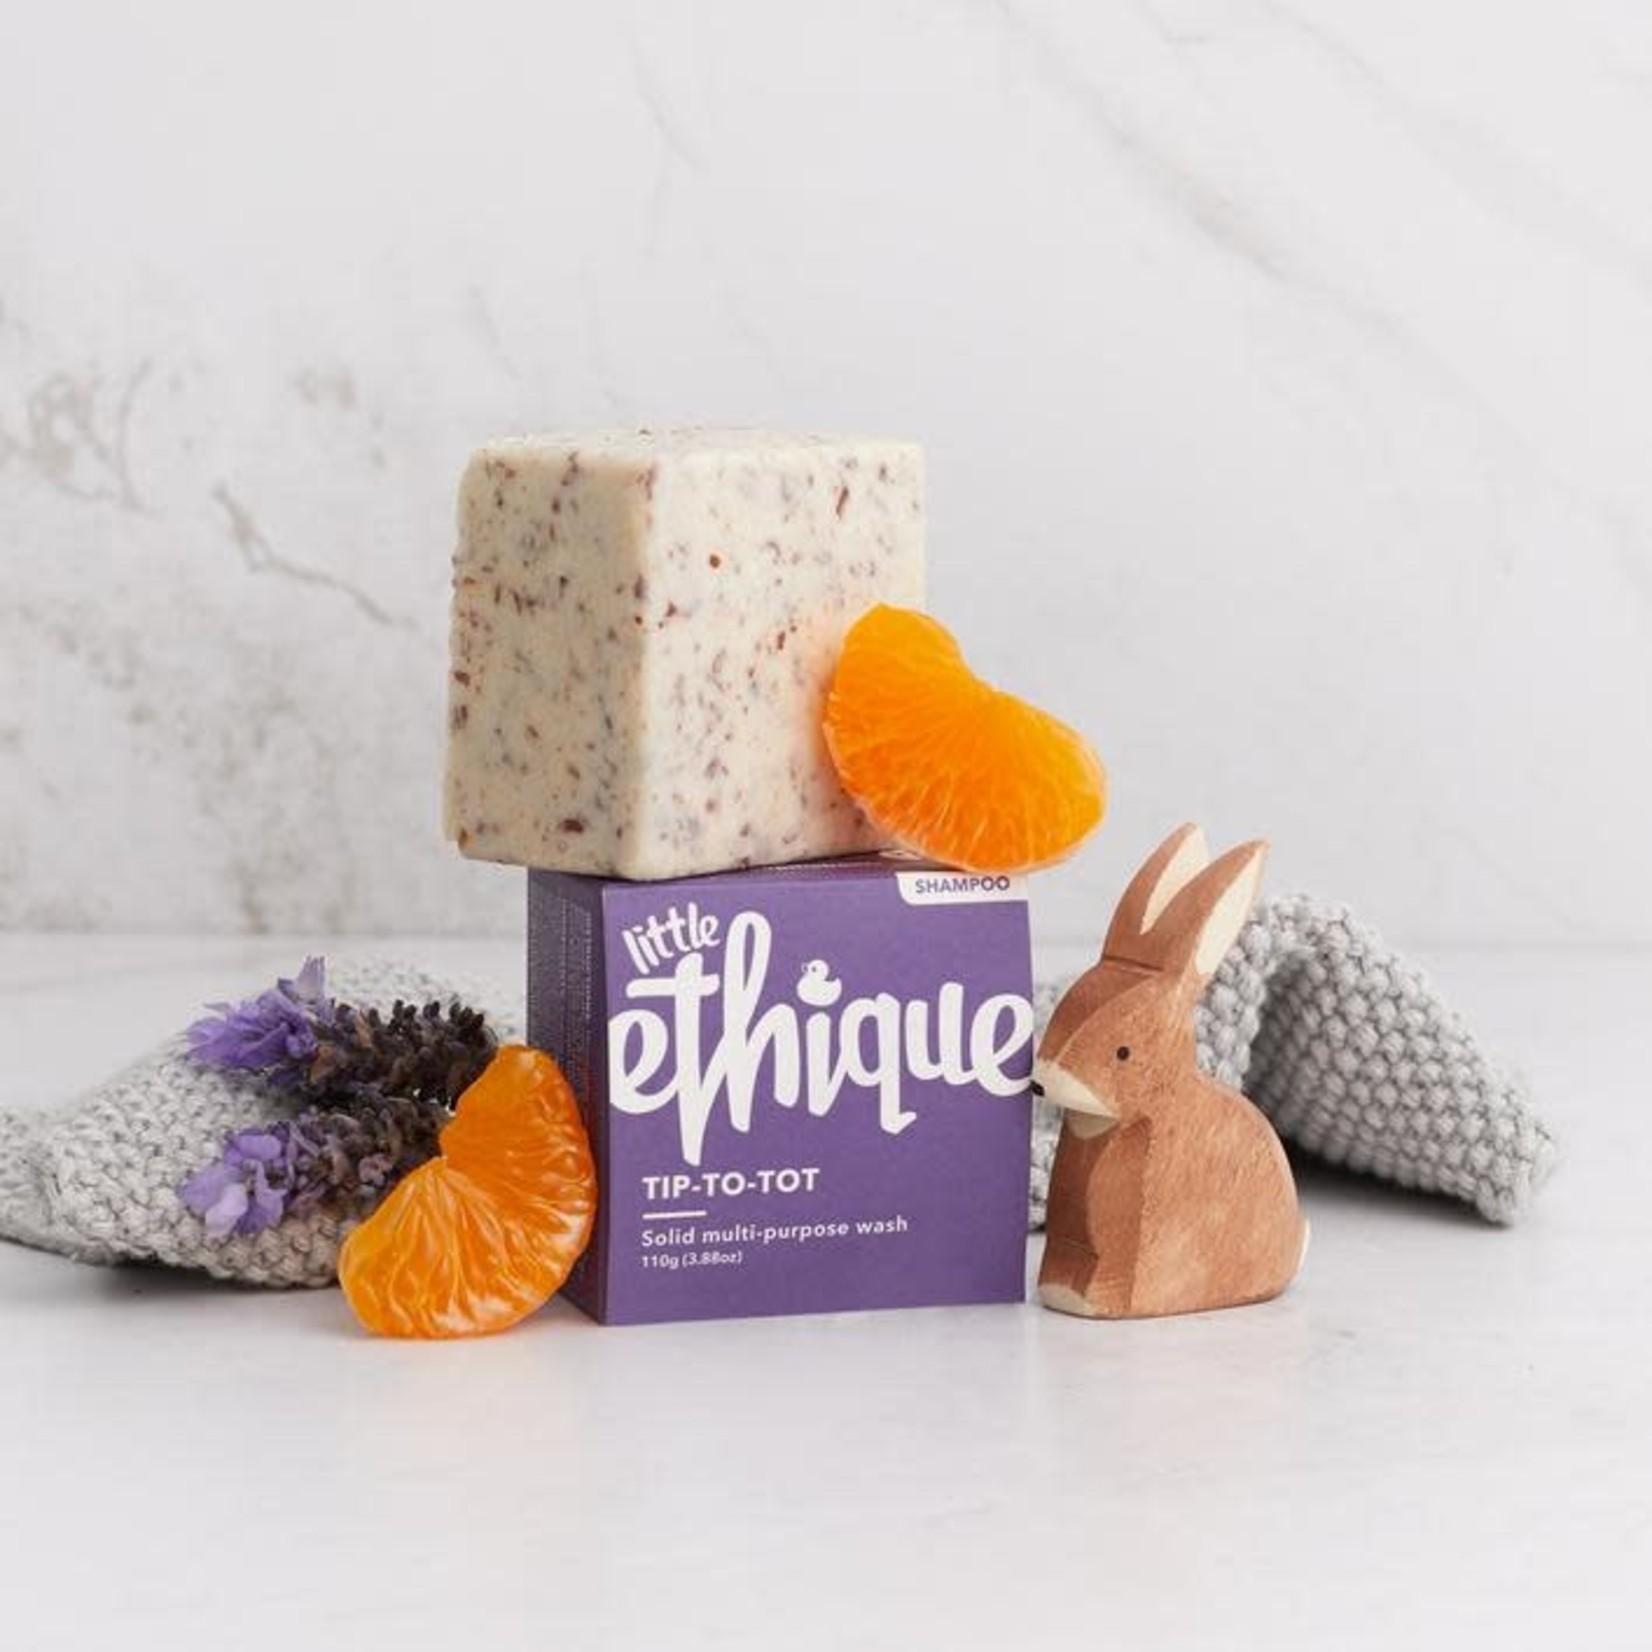 Ethique Ethique Kids Shampoo & Bodywash  Tip-to-Tot